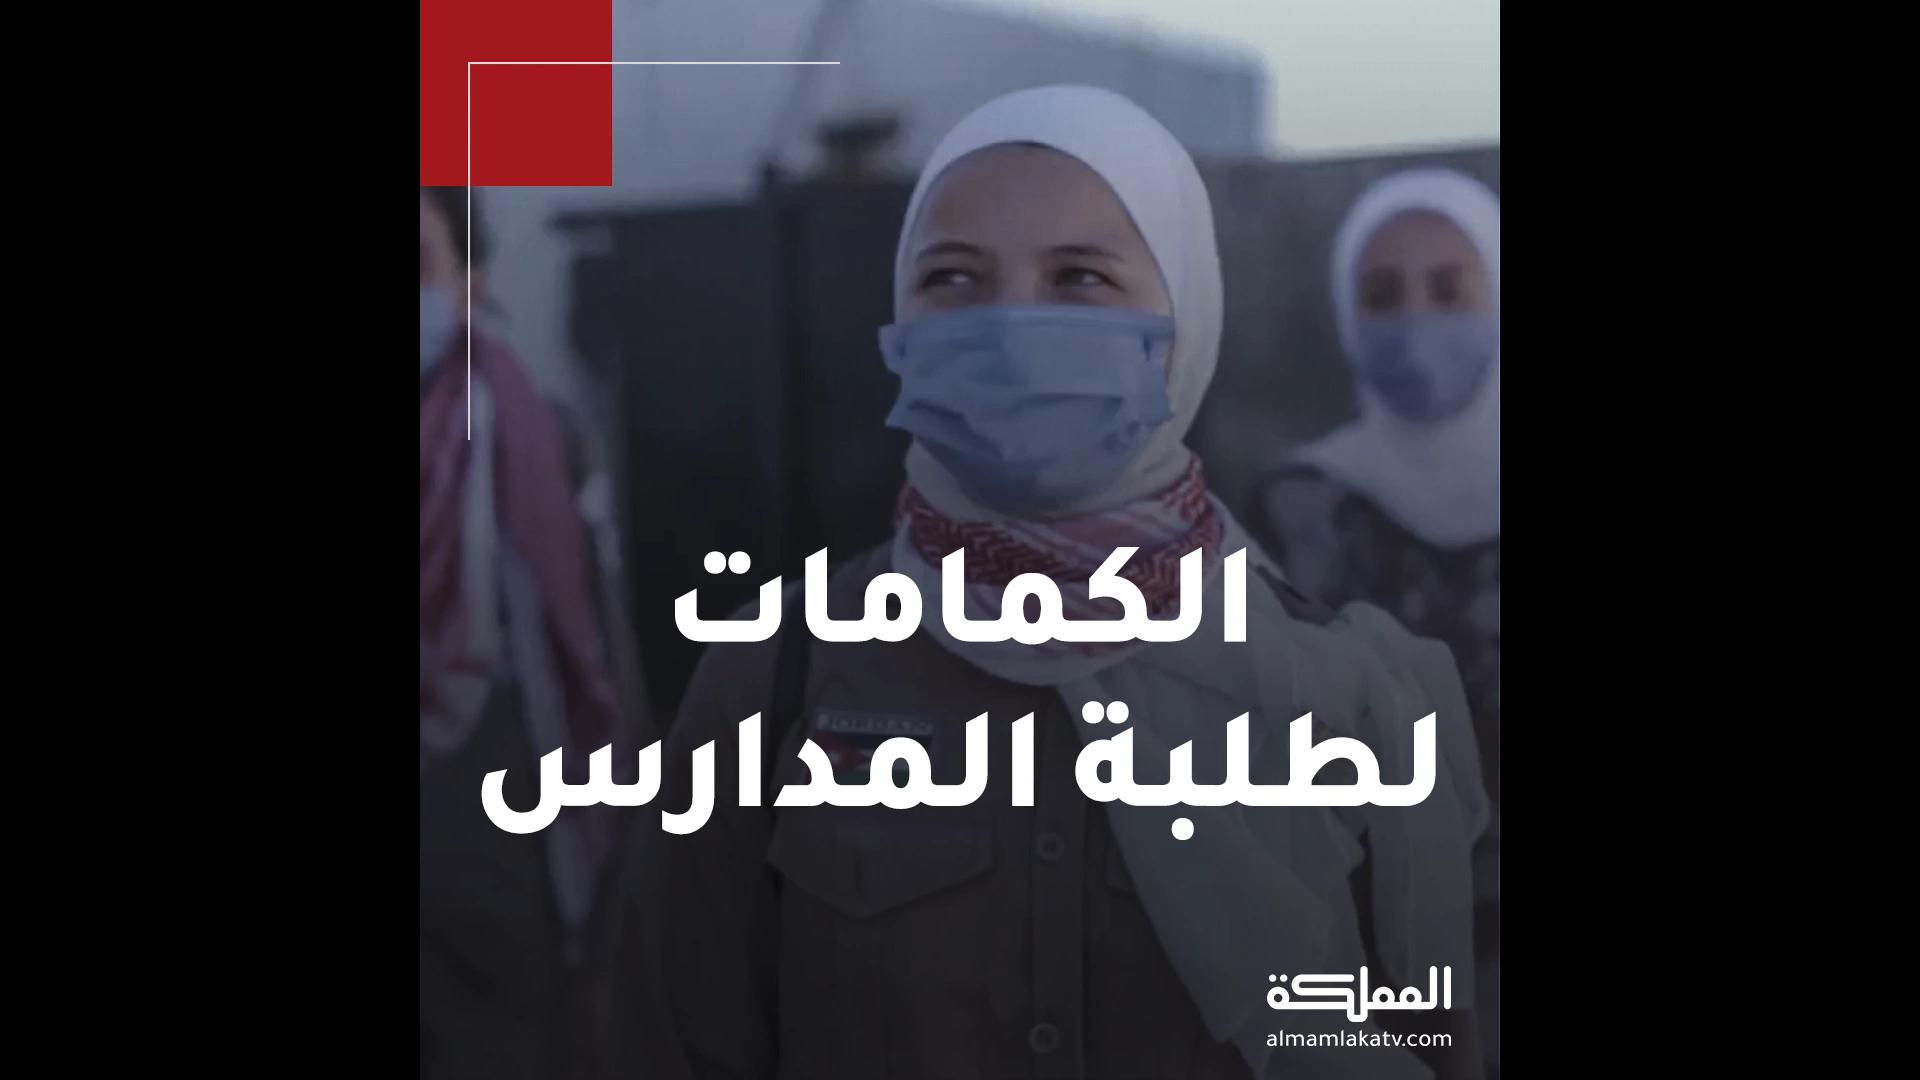 وزارة التربية والتعليم تصدر تعميما للقواعد والإرشادات حول كيفية ارتداء الكمامات في المدارس